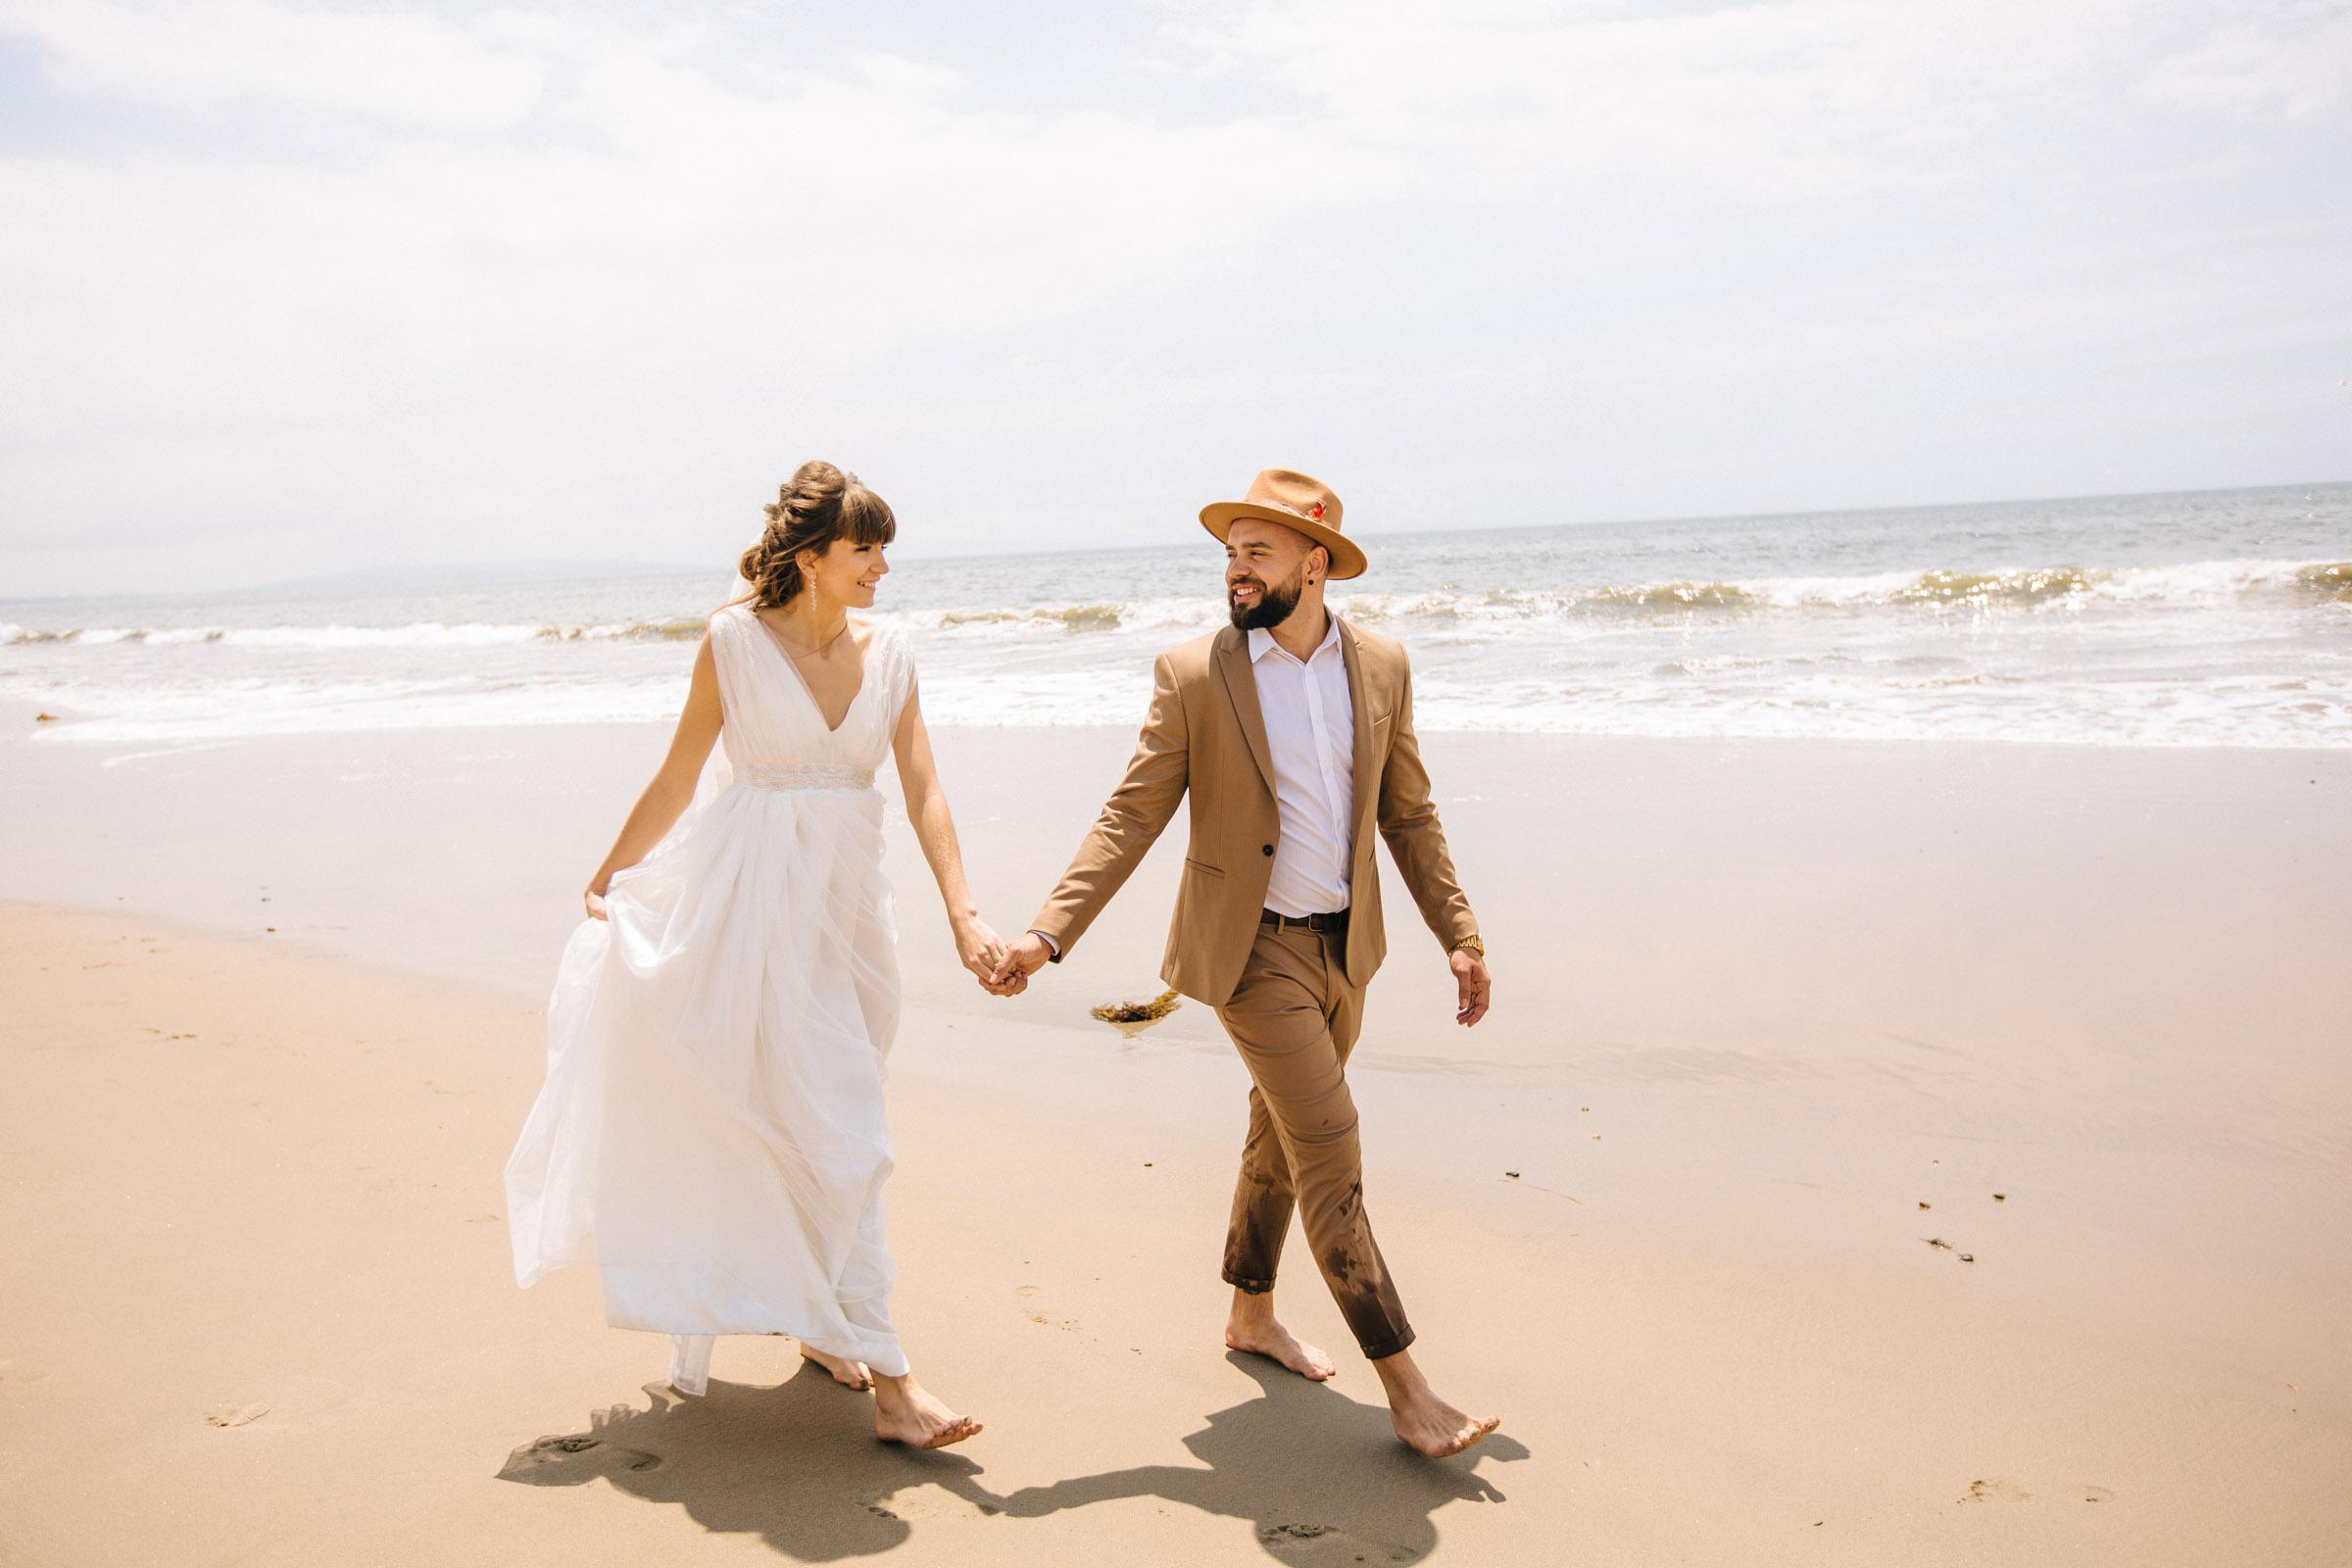 Wedding photo shoot in los angeles happy